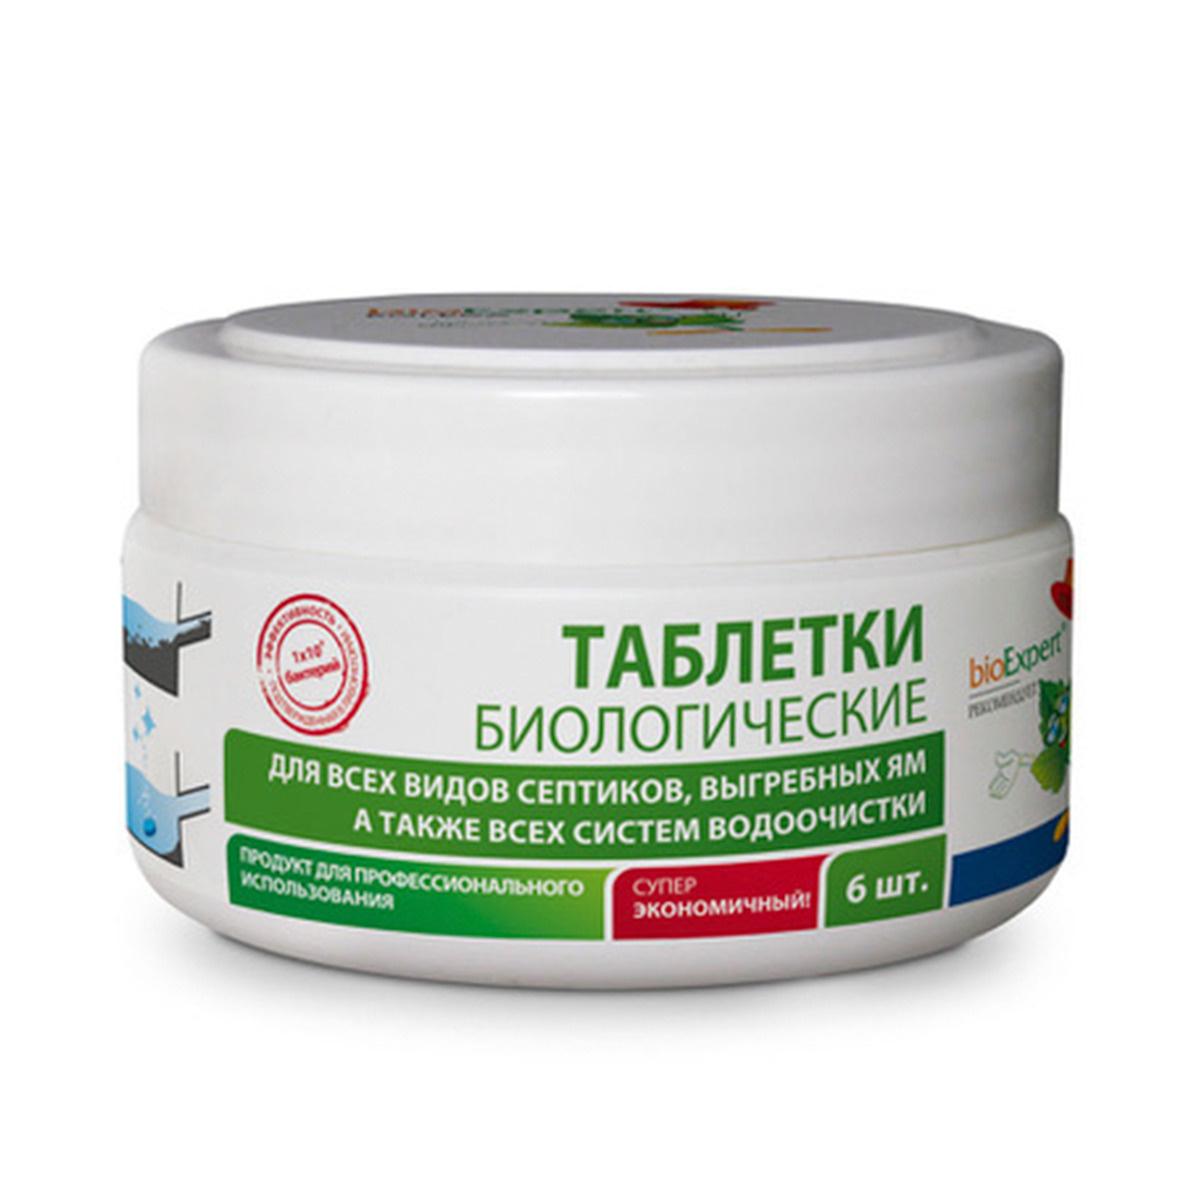 Таблетки биологические BioExpert 6 шт #1